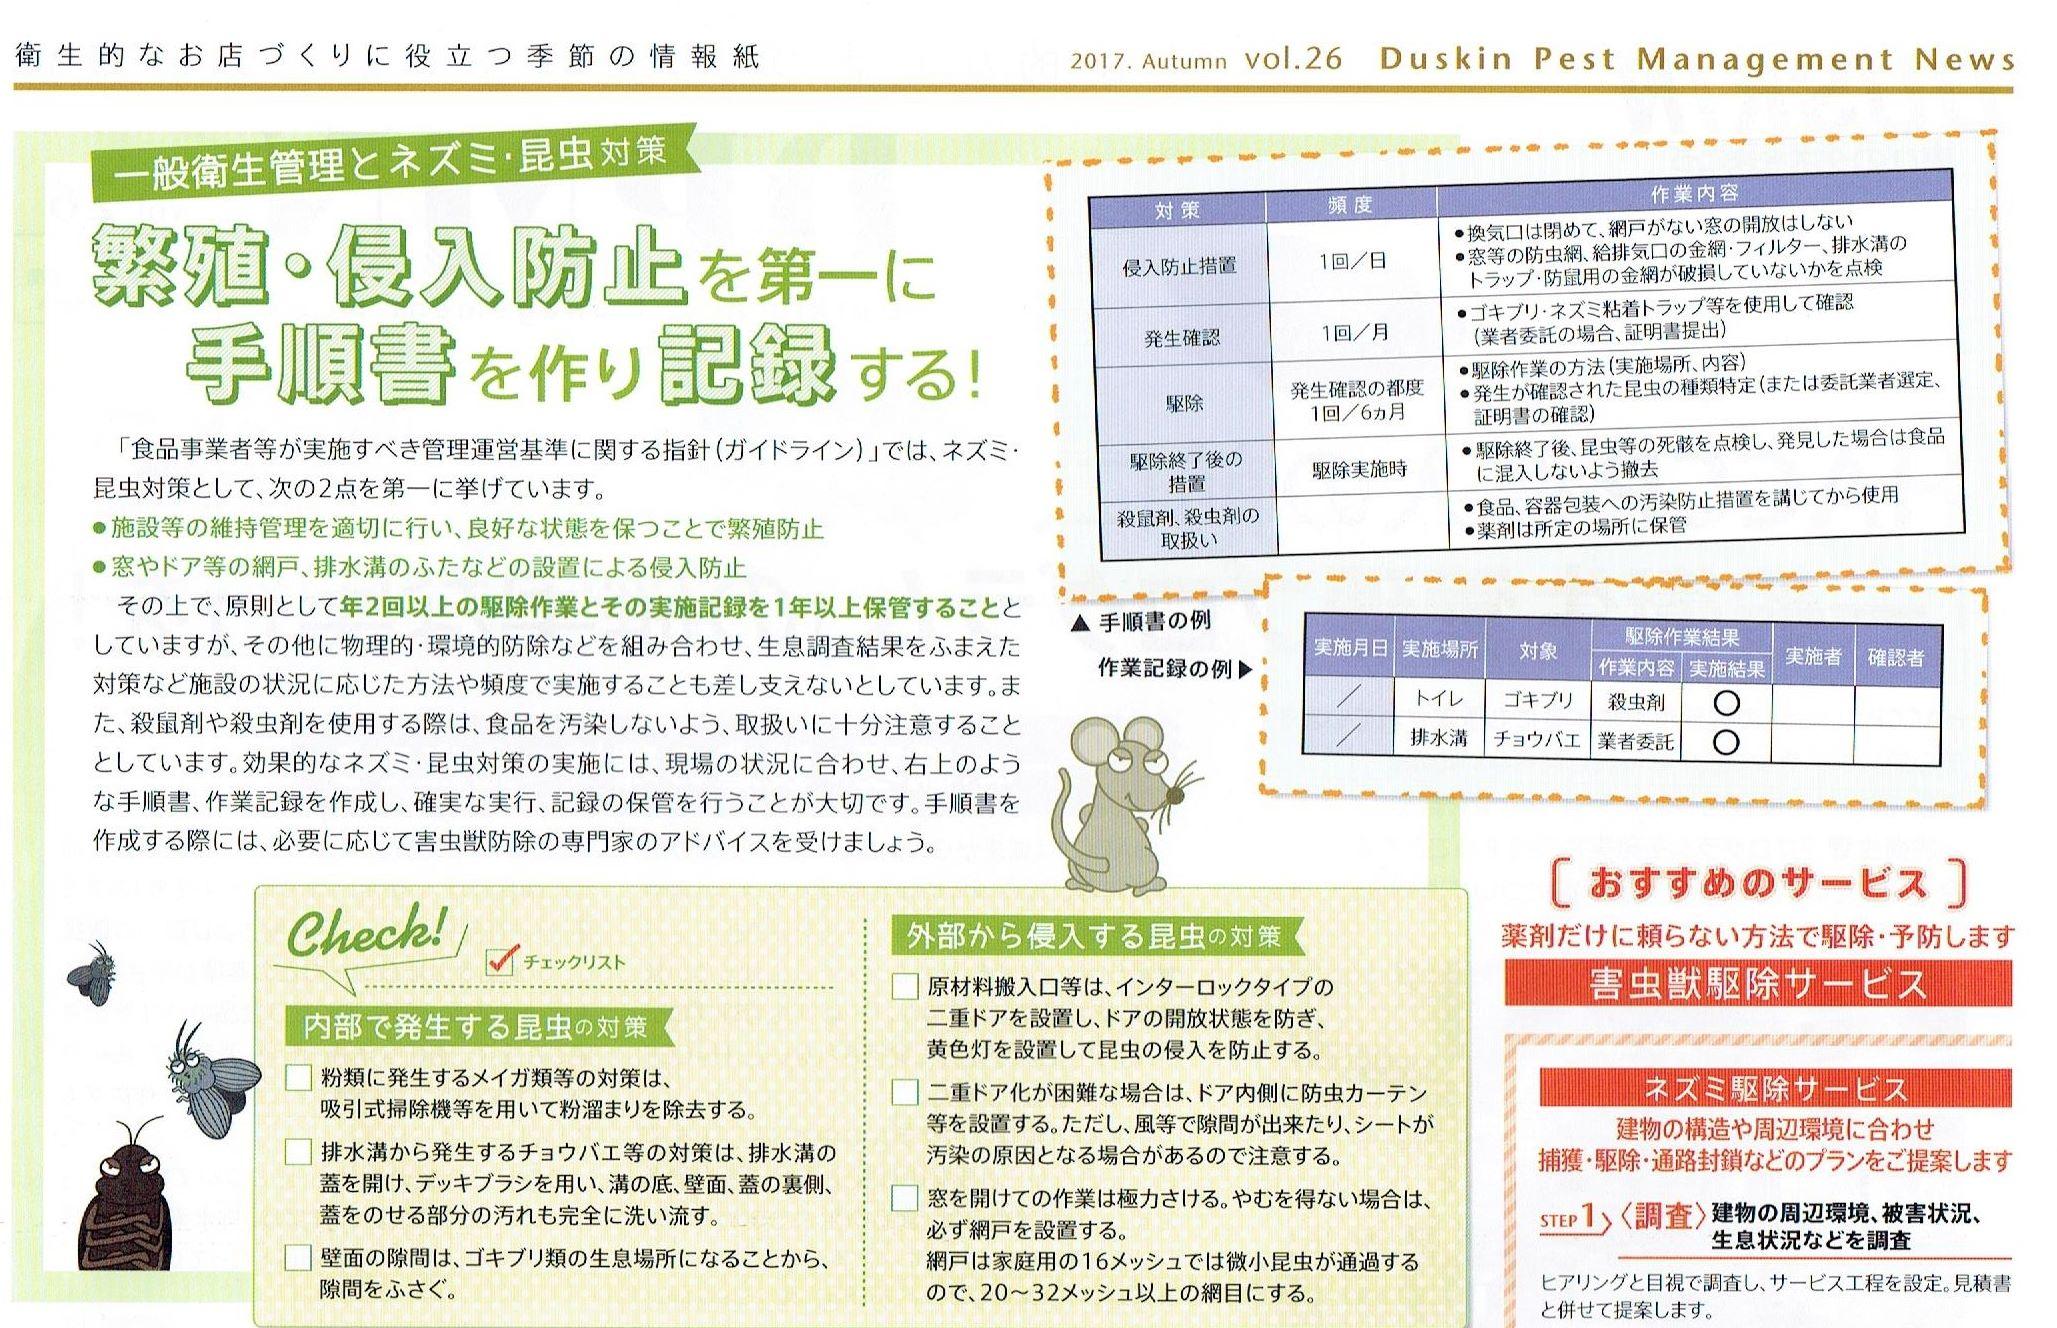 ネズミ・昆虫対策.jpg